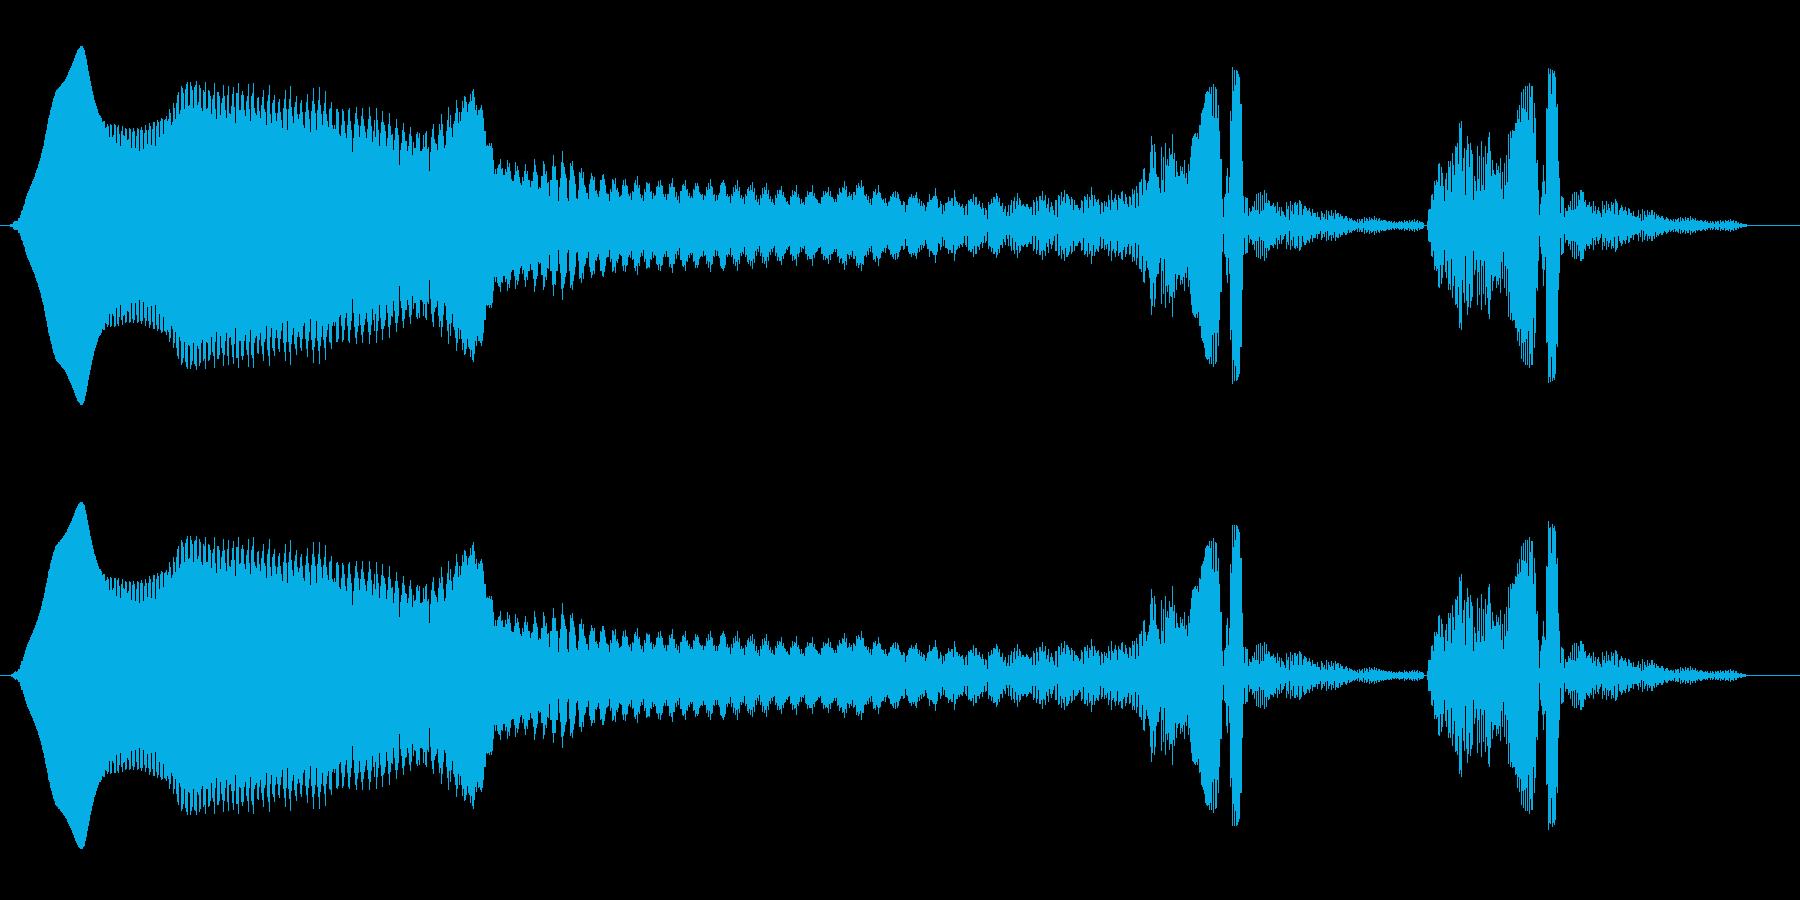 ヒュウーン、ウンウン(長い落下後余韻)の再生済みの波形